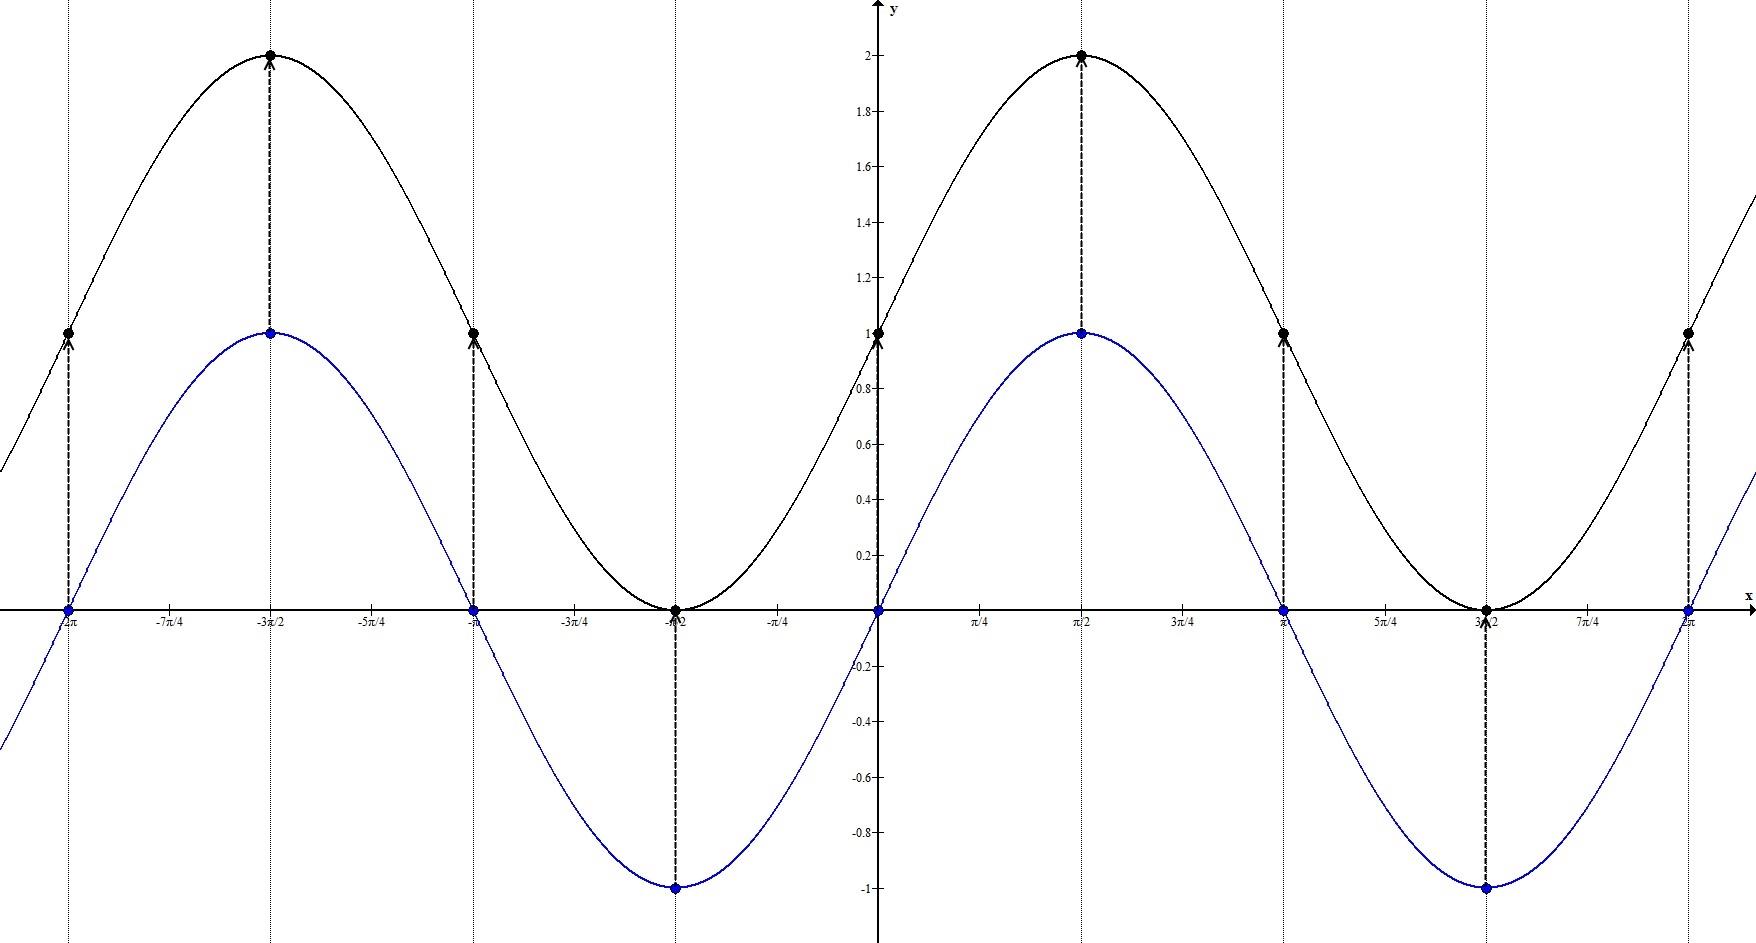 Геометрические преобразования. Параллельный перенос по Оy. Пример 3.